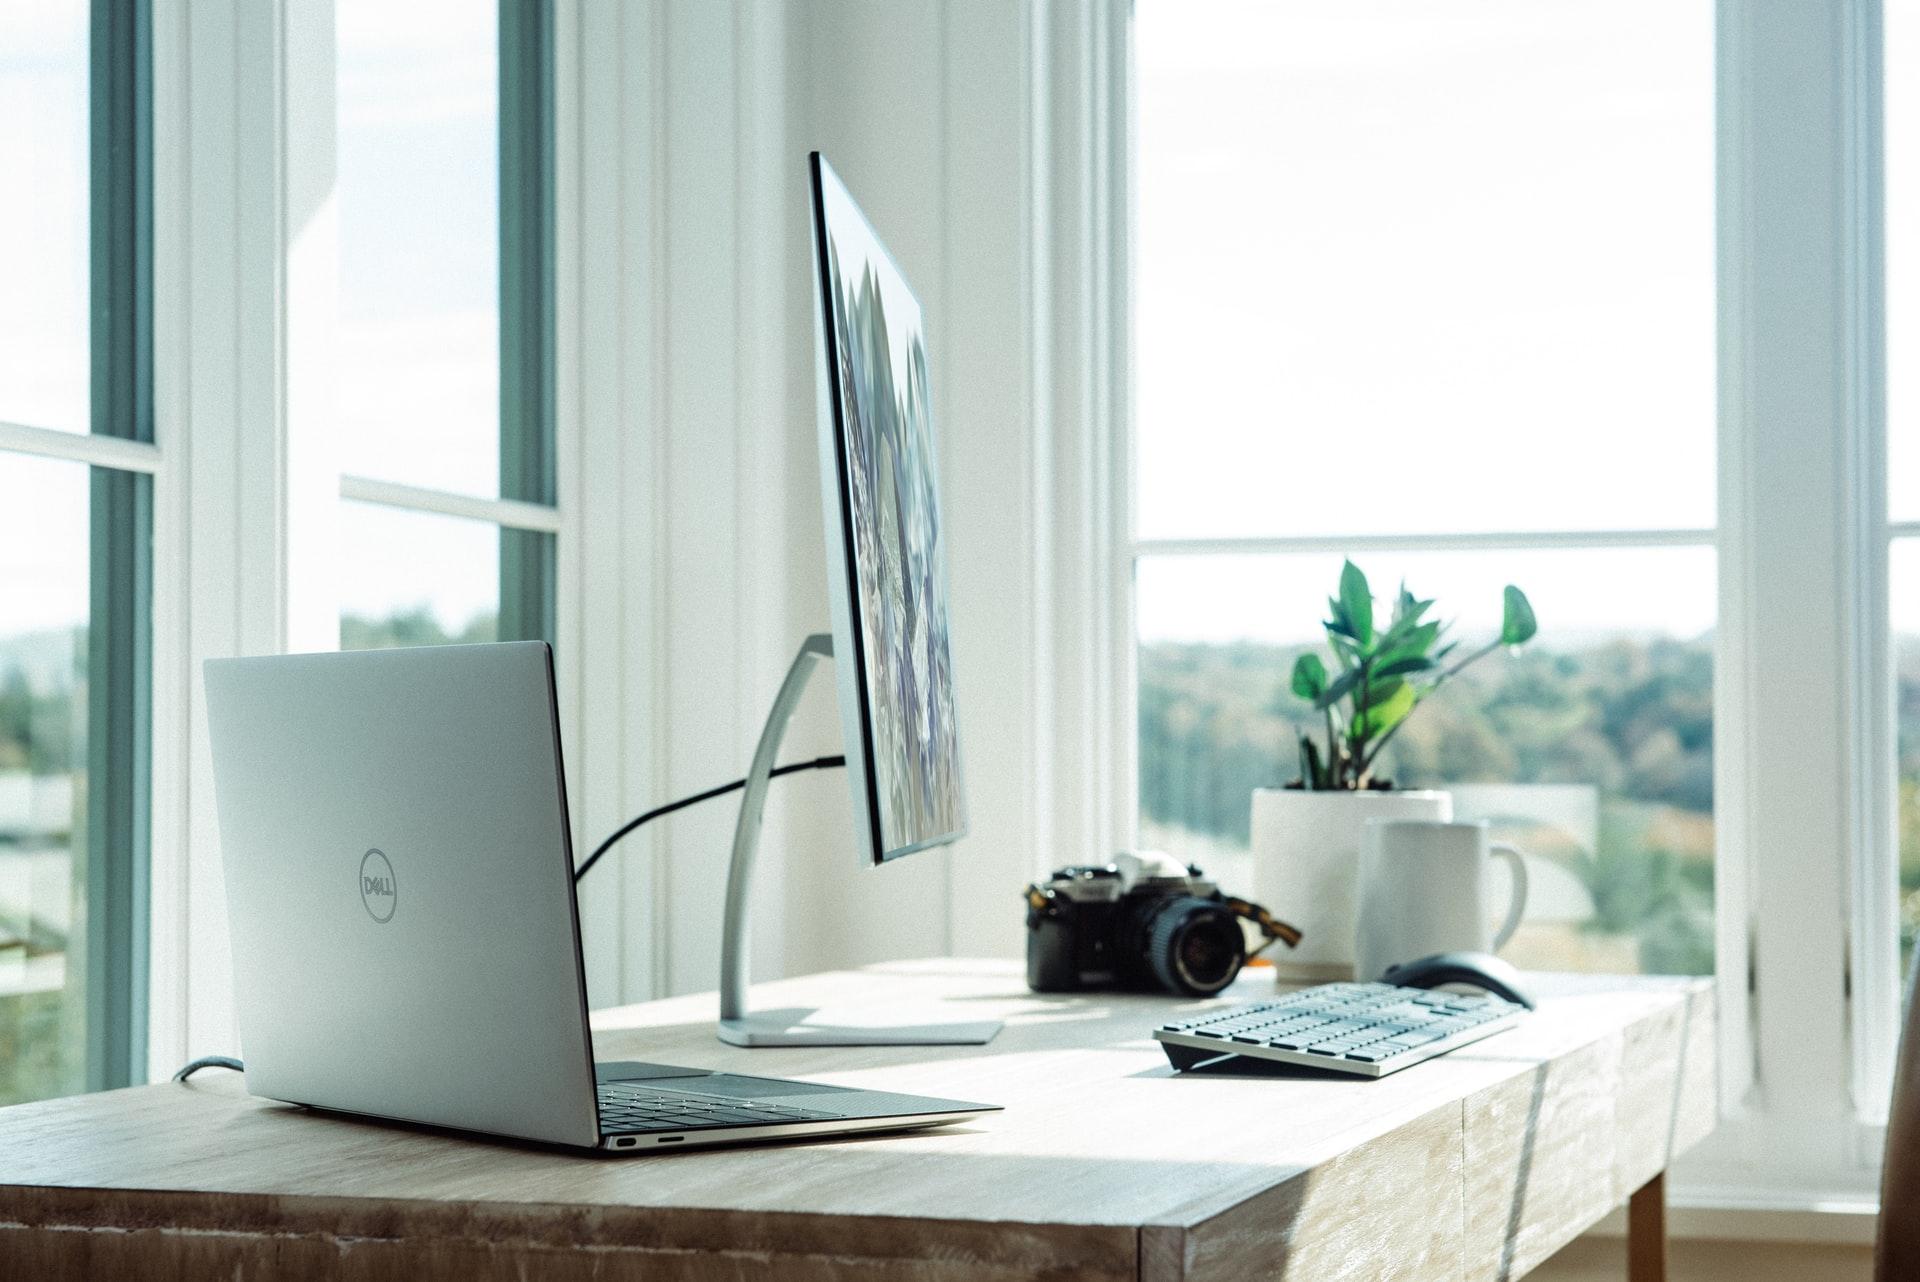 大きなモニターとノートパソコン